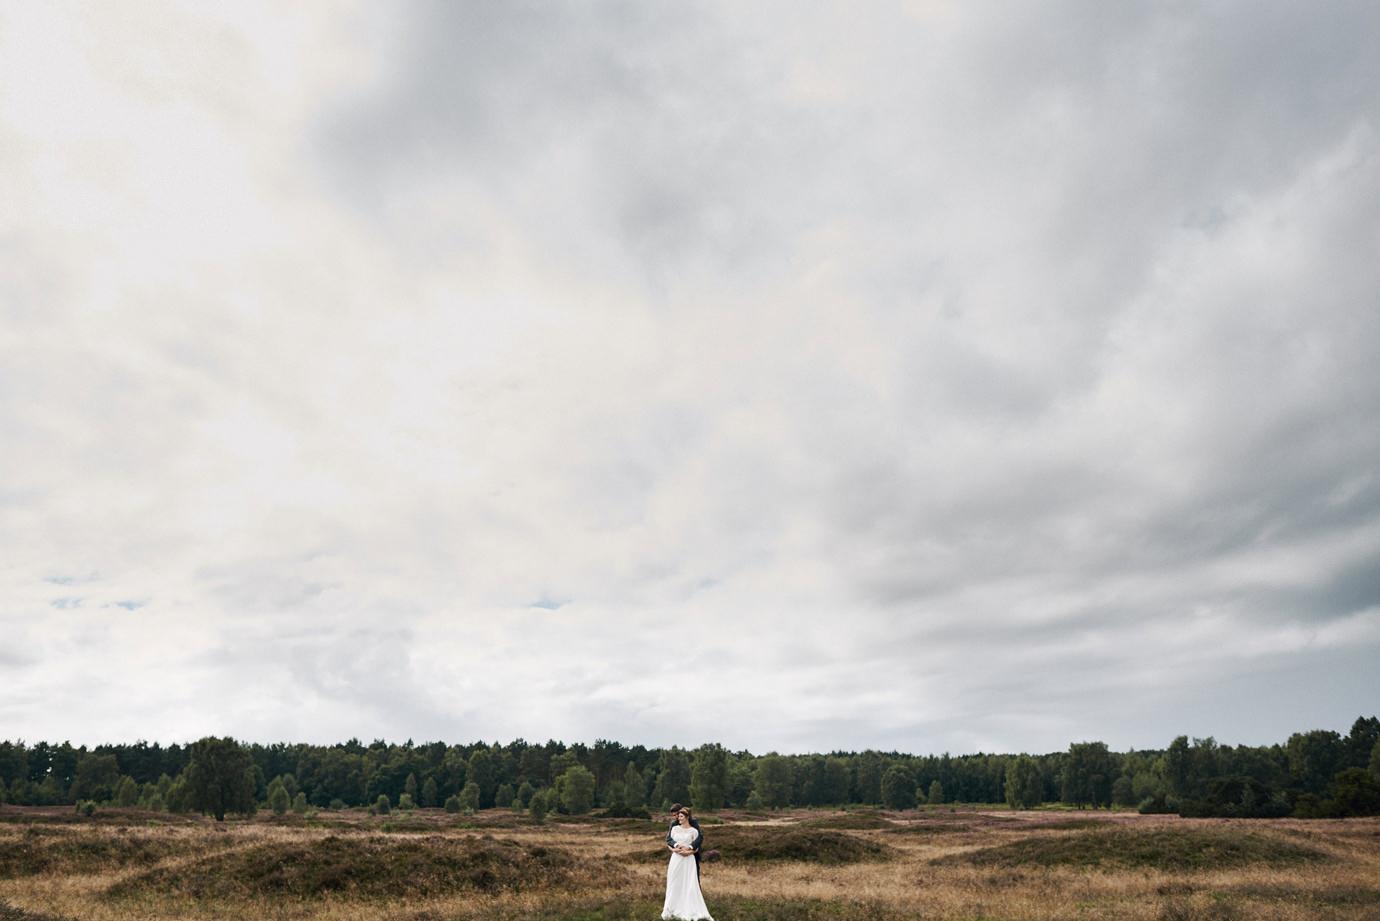 hochzeitsfotograf nordheide